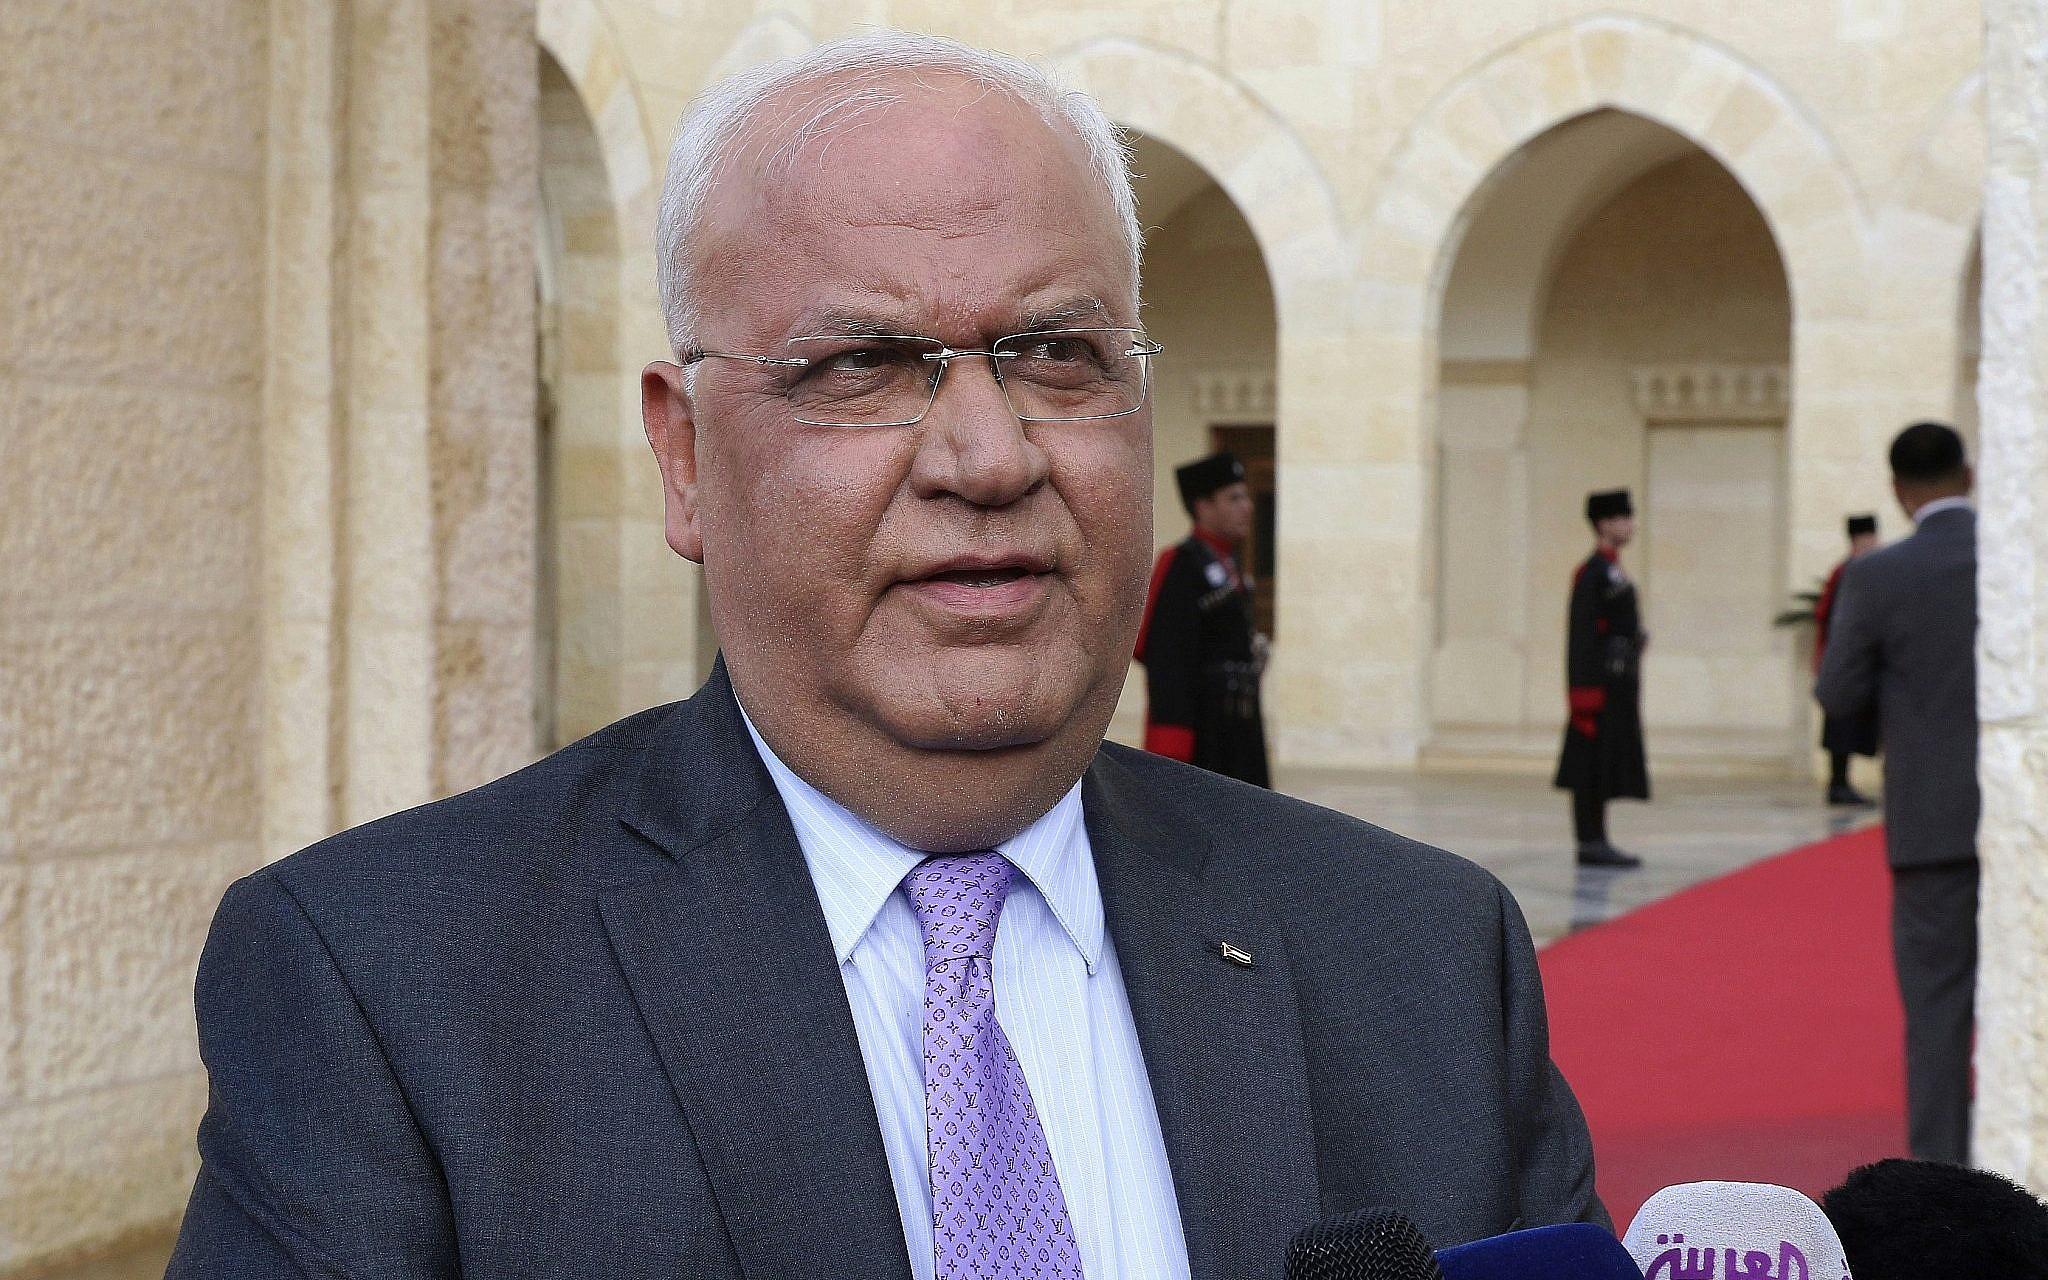 Koronavírusban meghalt Száeb Erekat palesztin főtárgyaló